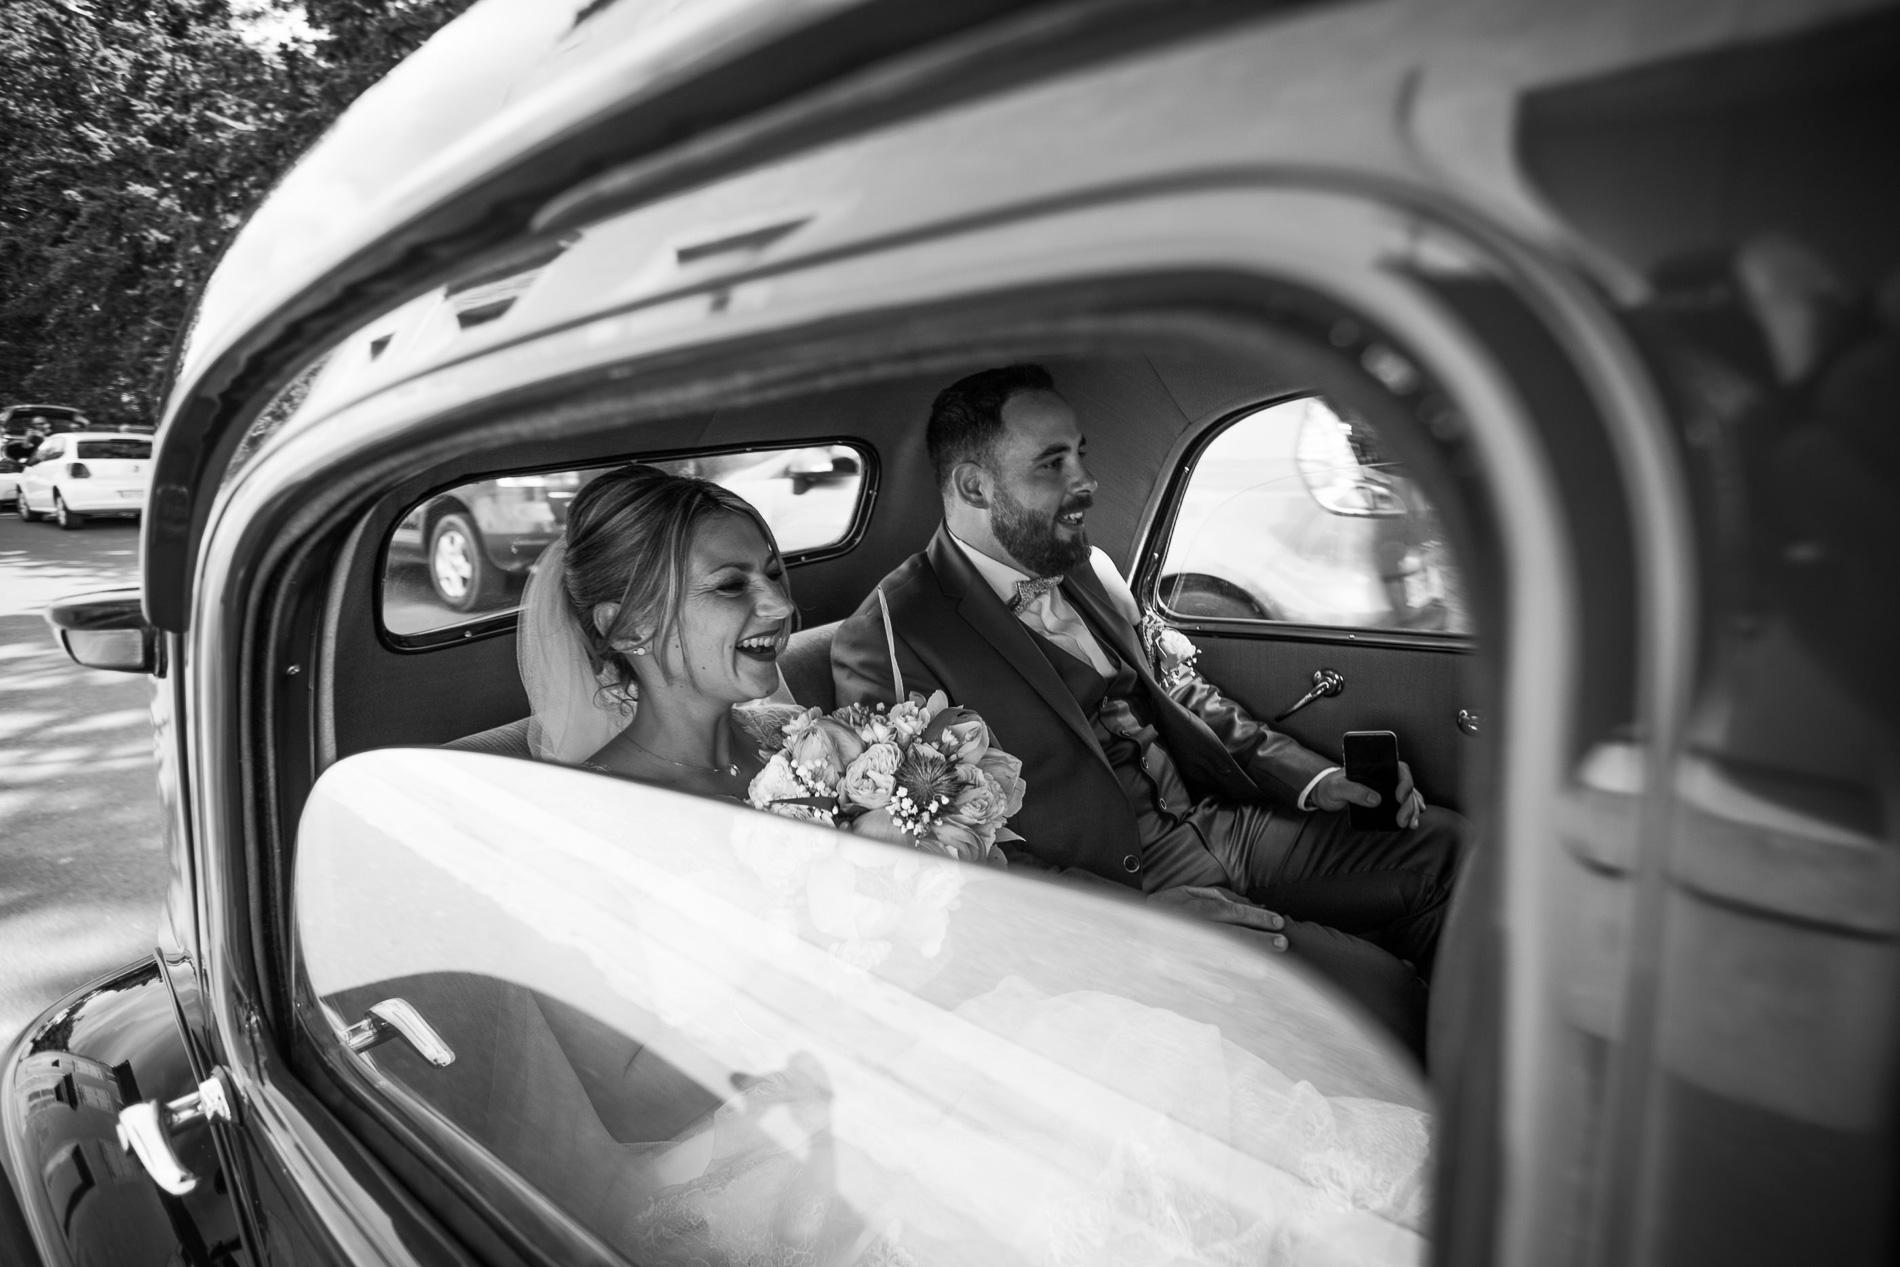 photographe-couple-mariage-carcassonne-35